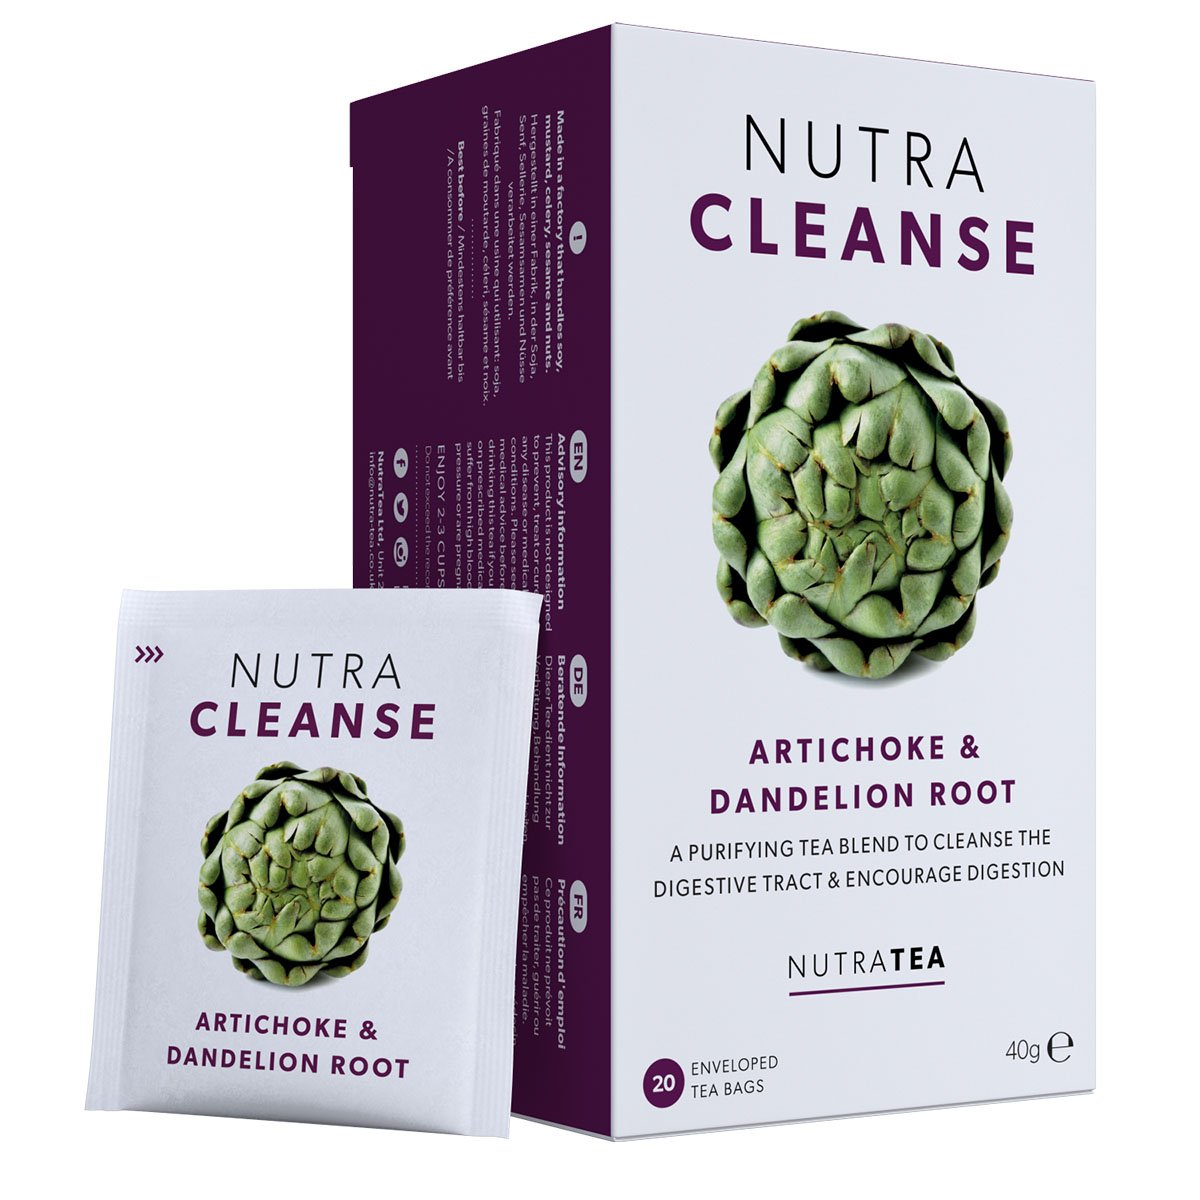 NutraCleanse-tea